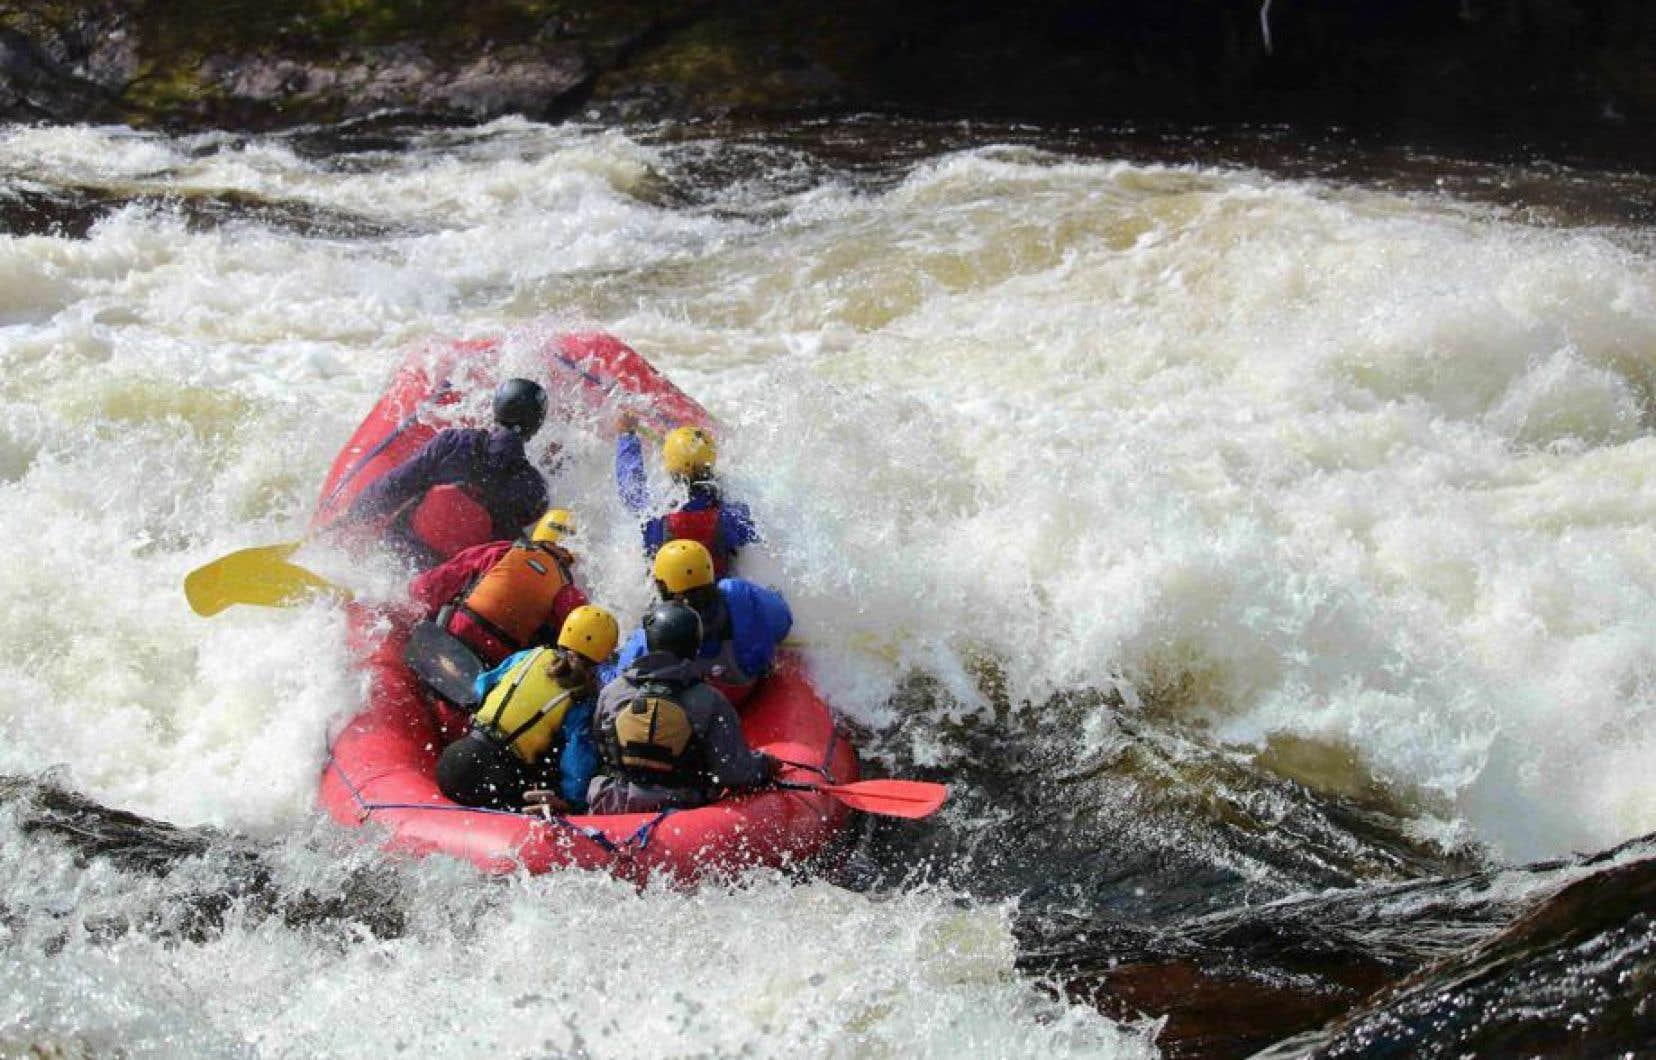 La rivière Magpie est reconnue parmi les meilleures au monde dans divers palmarès pour le rafting et les activités en eau vive.